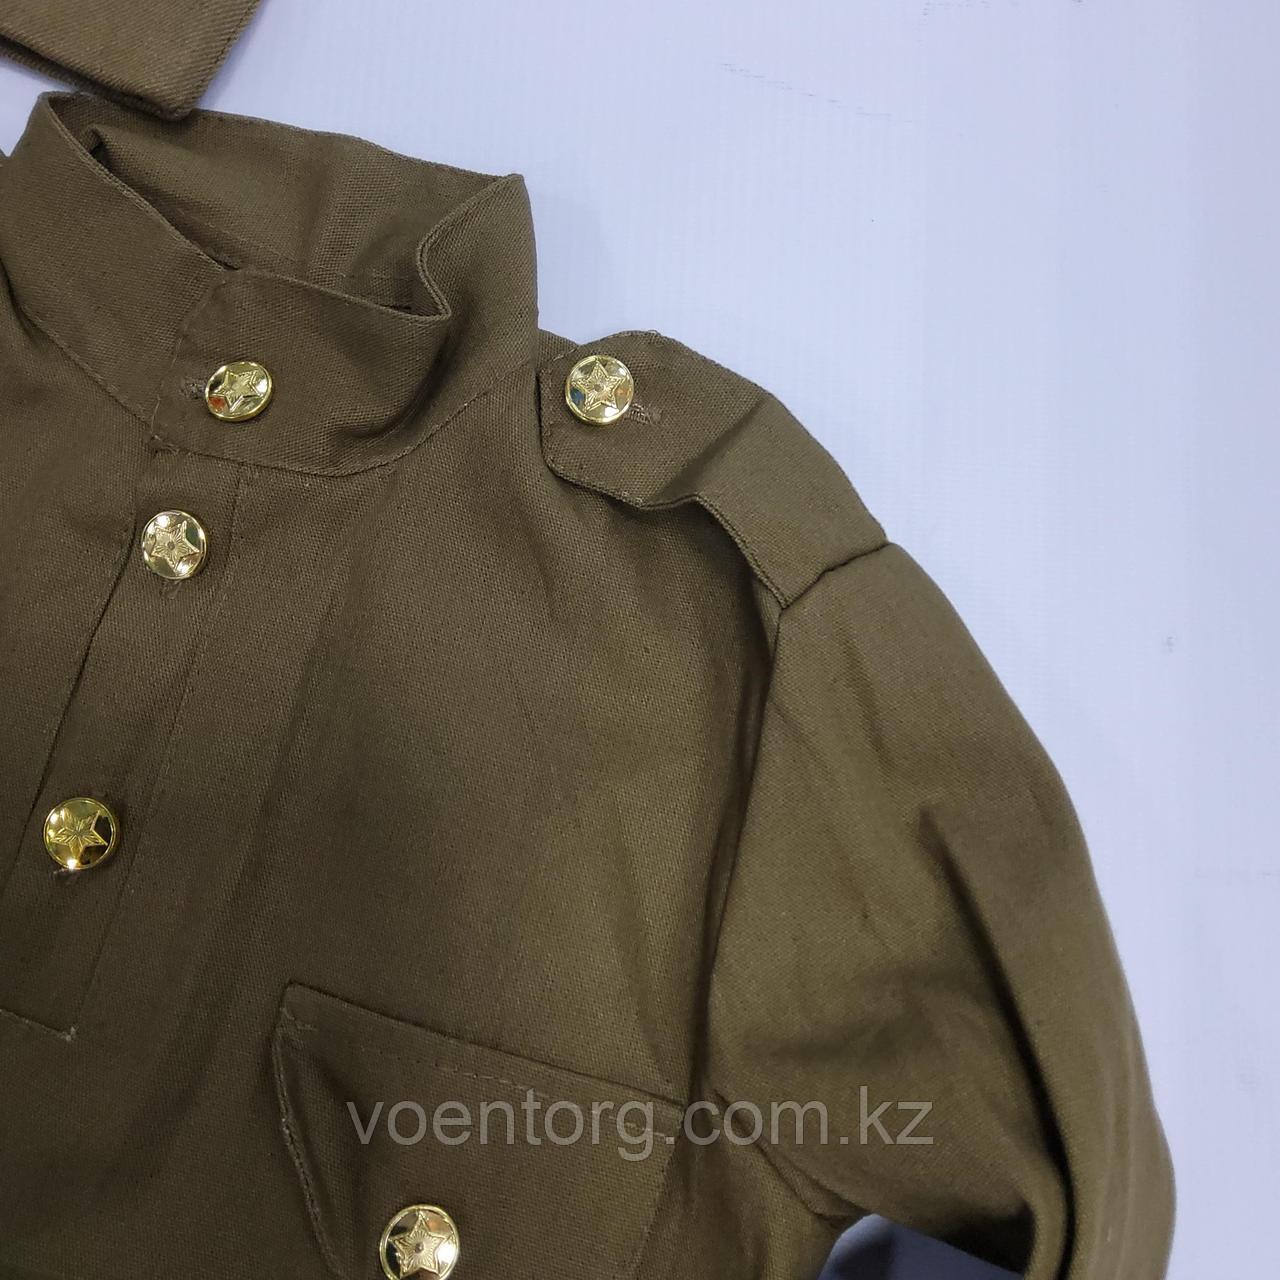 Детский военный костюм для мальчика - фото 4